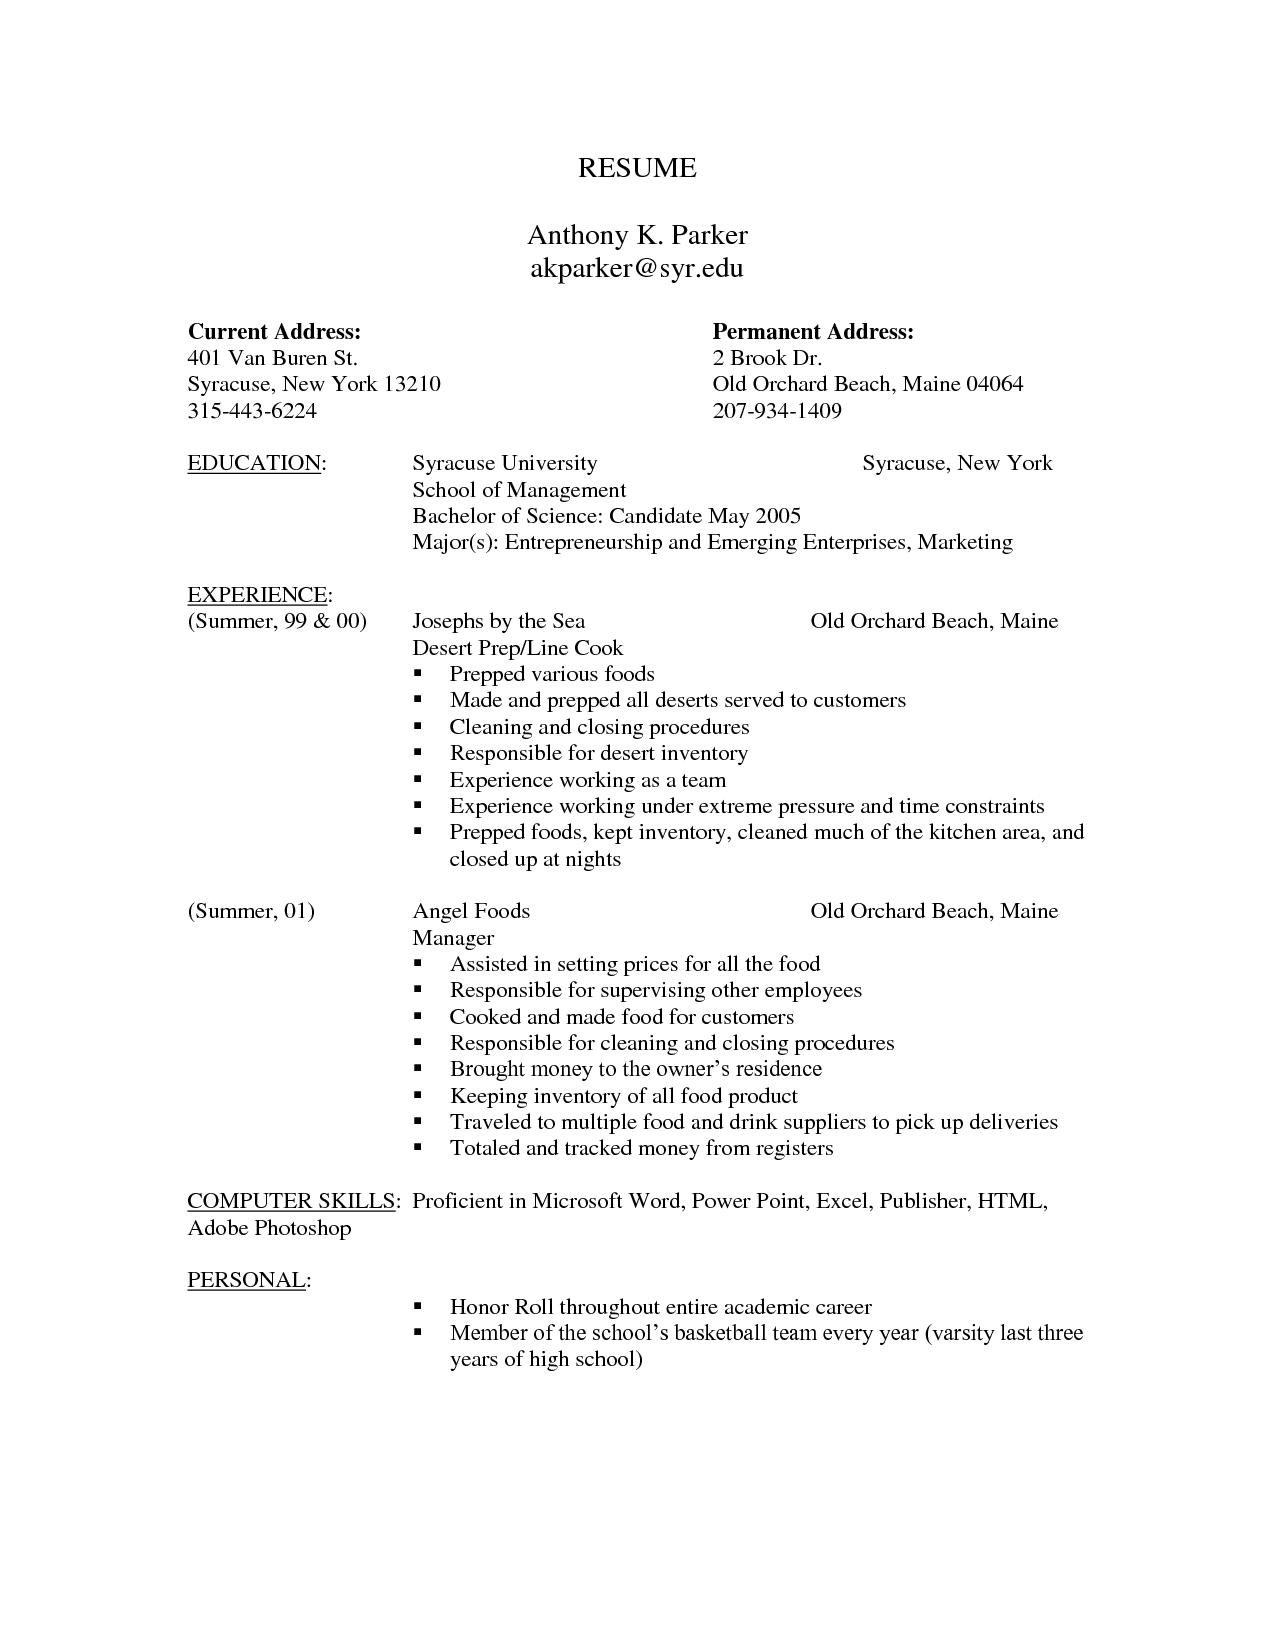 Sample Resume Form